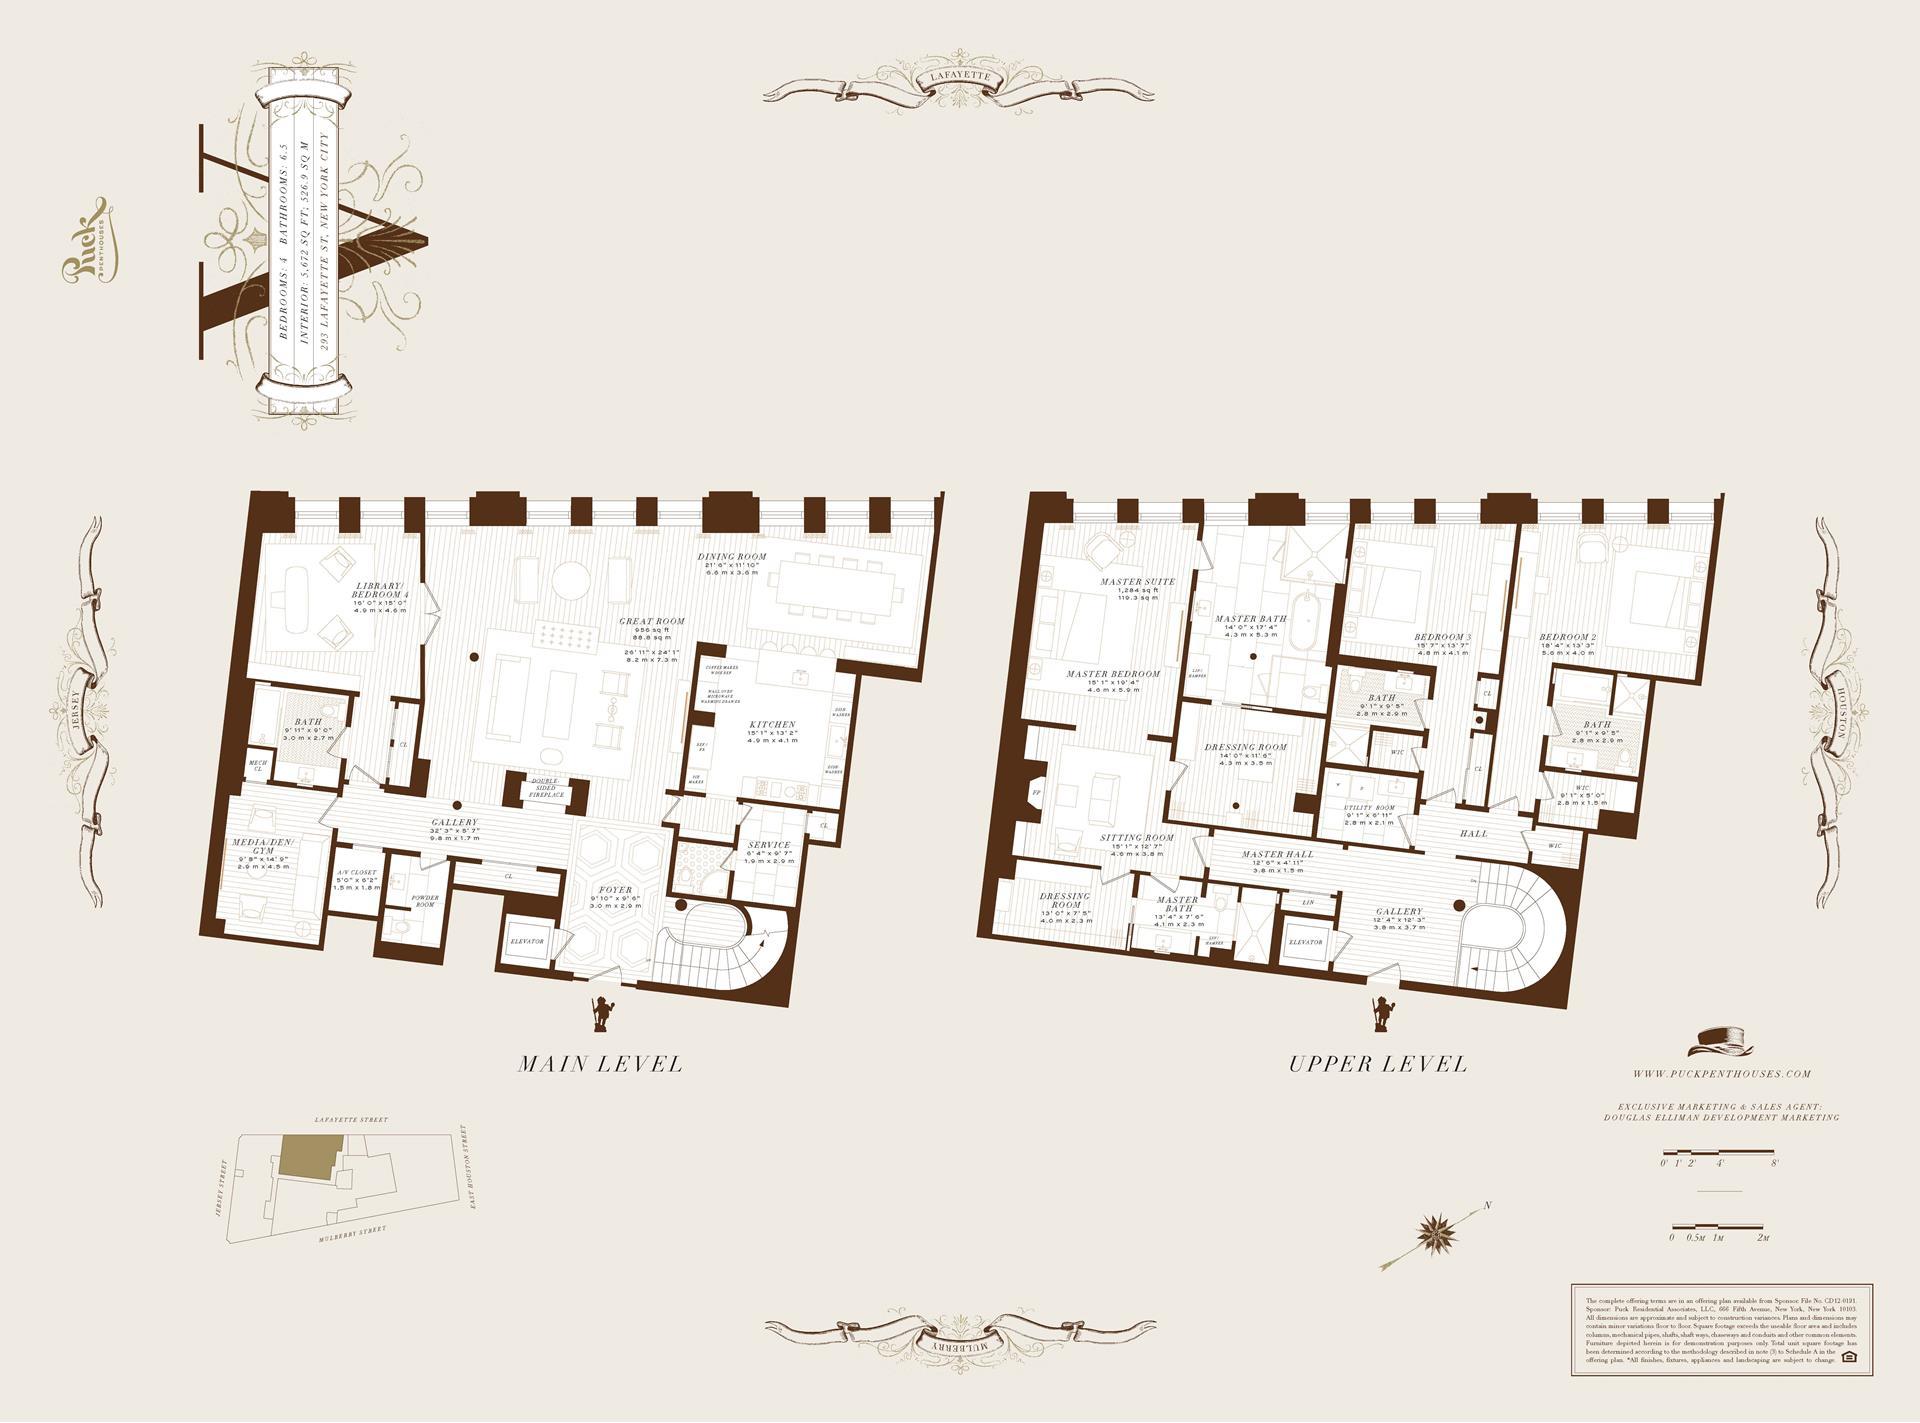 Floor plan of 293 Lafayette St, PHV - SoHo - Nolita, New York